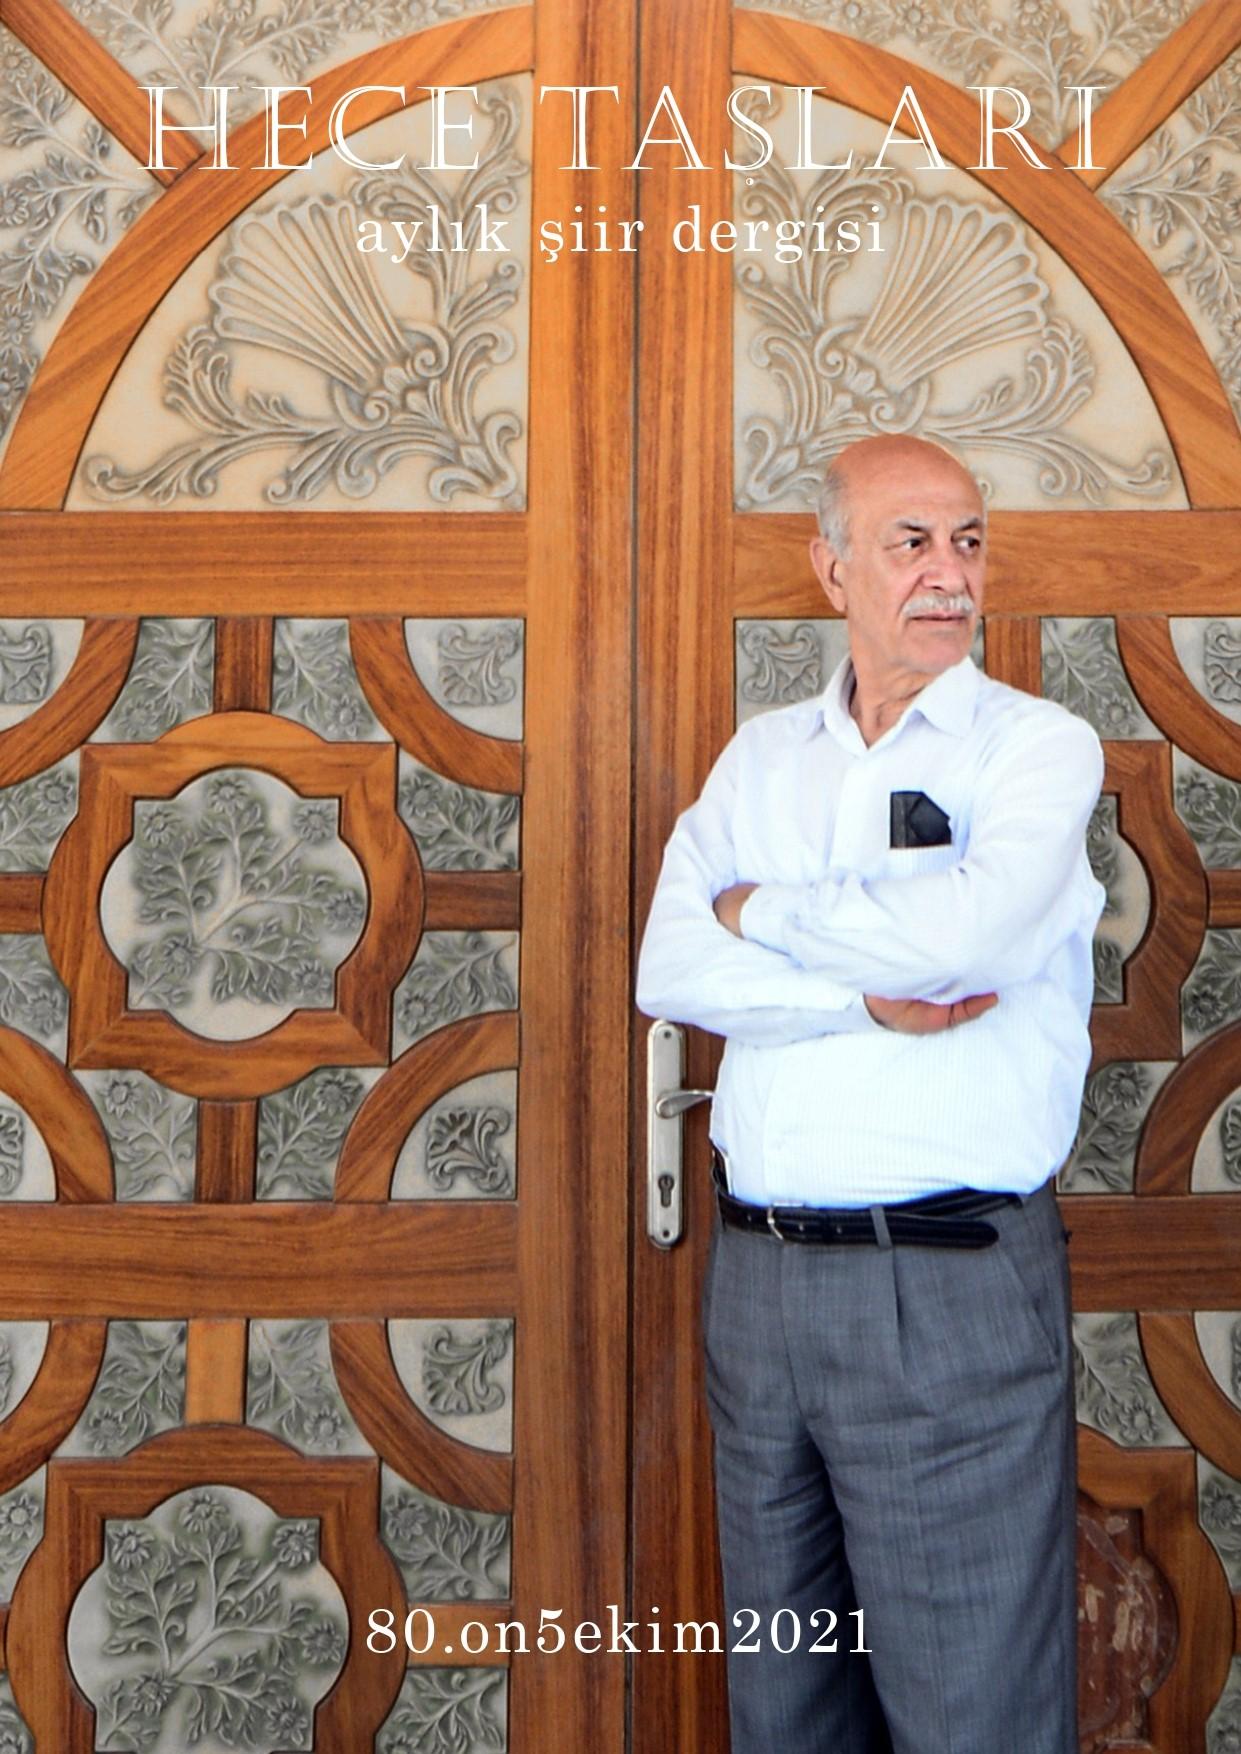 Hece Taşları Şiir Dergisi Metin Önal Mengüşoğlu özel sayısını yayımlandı